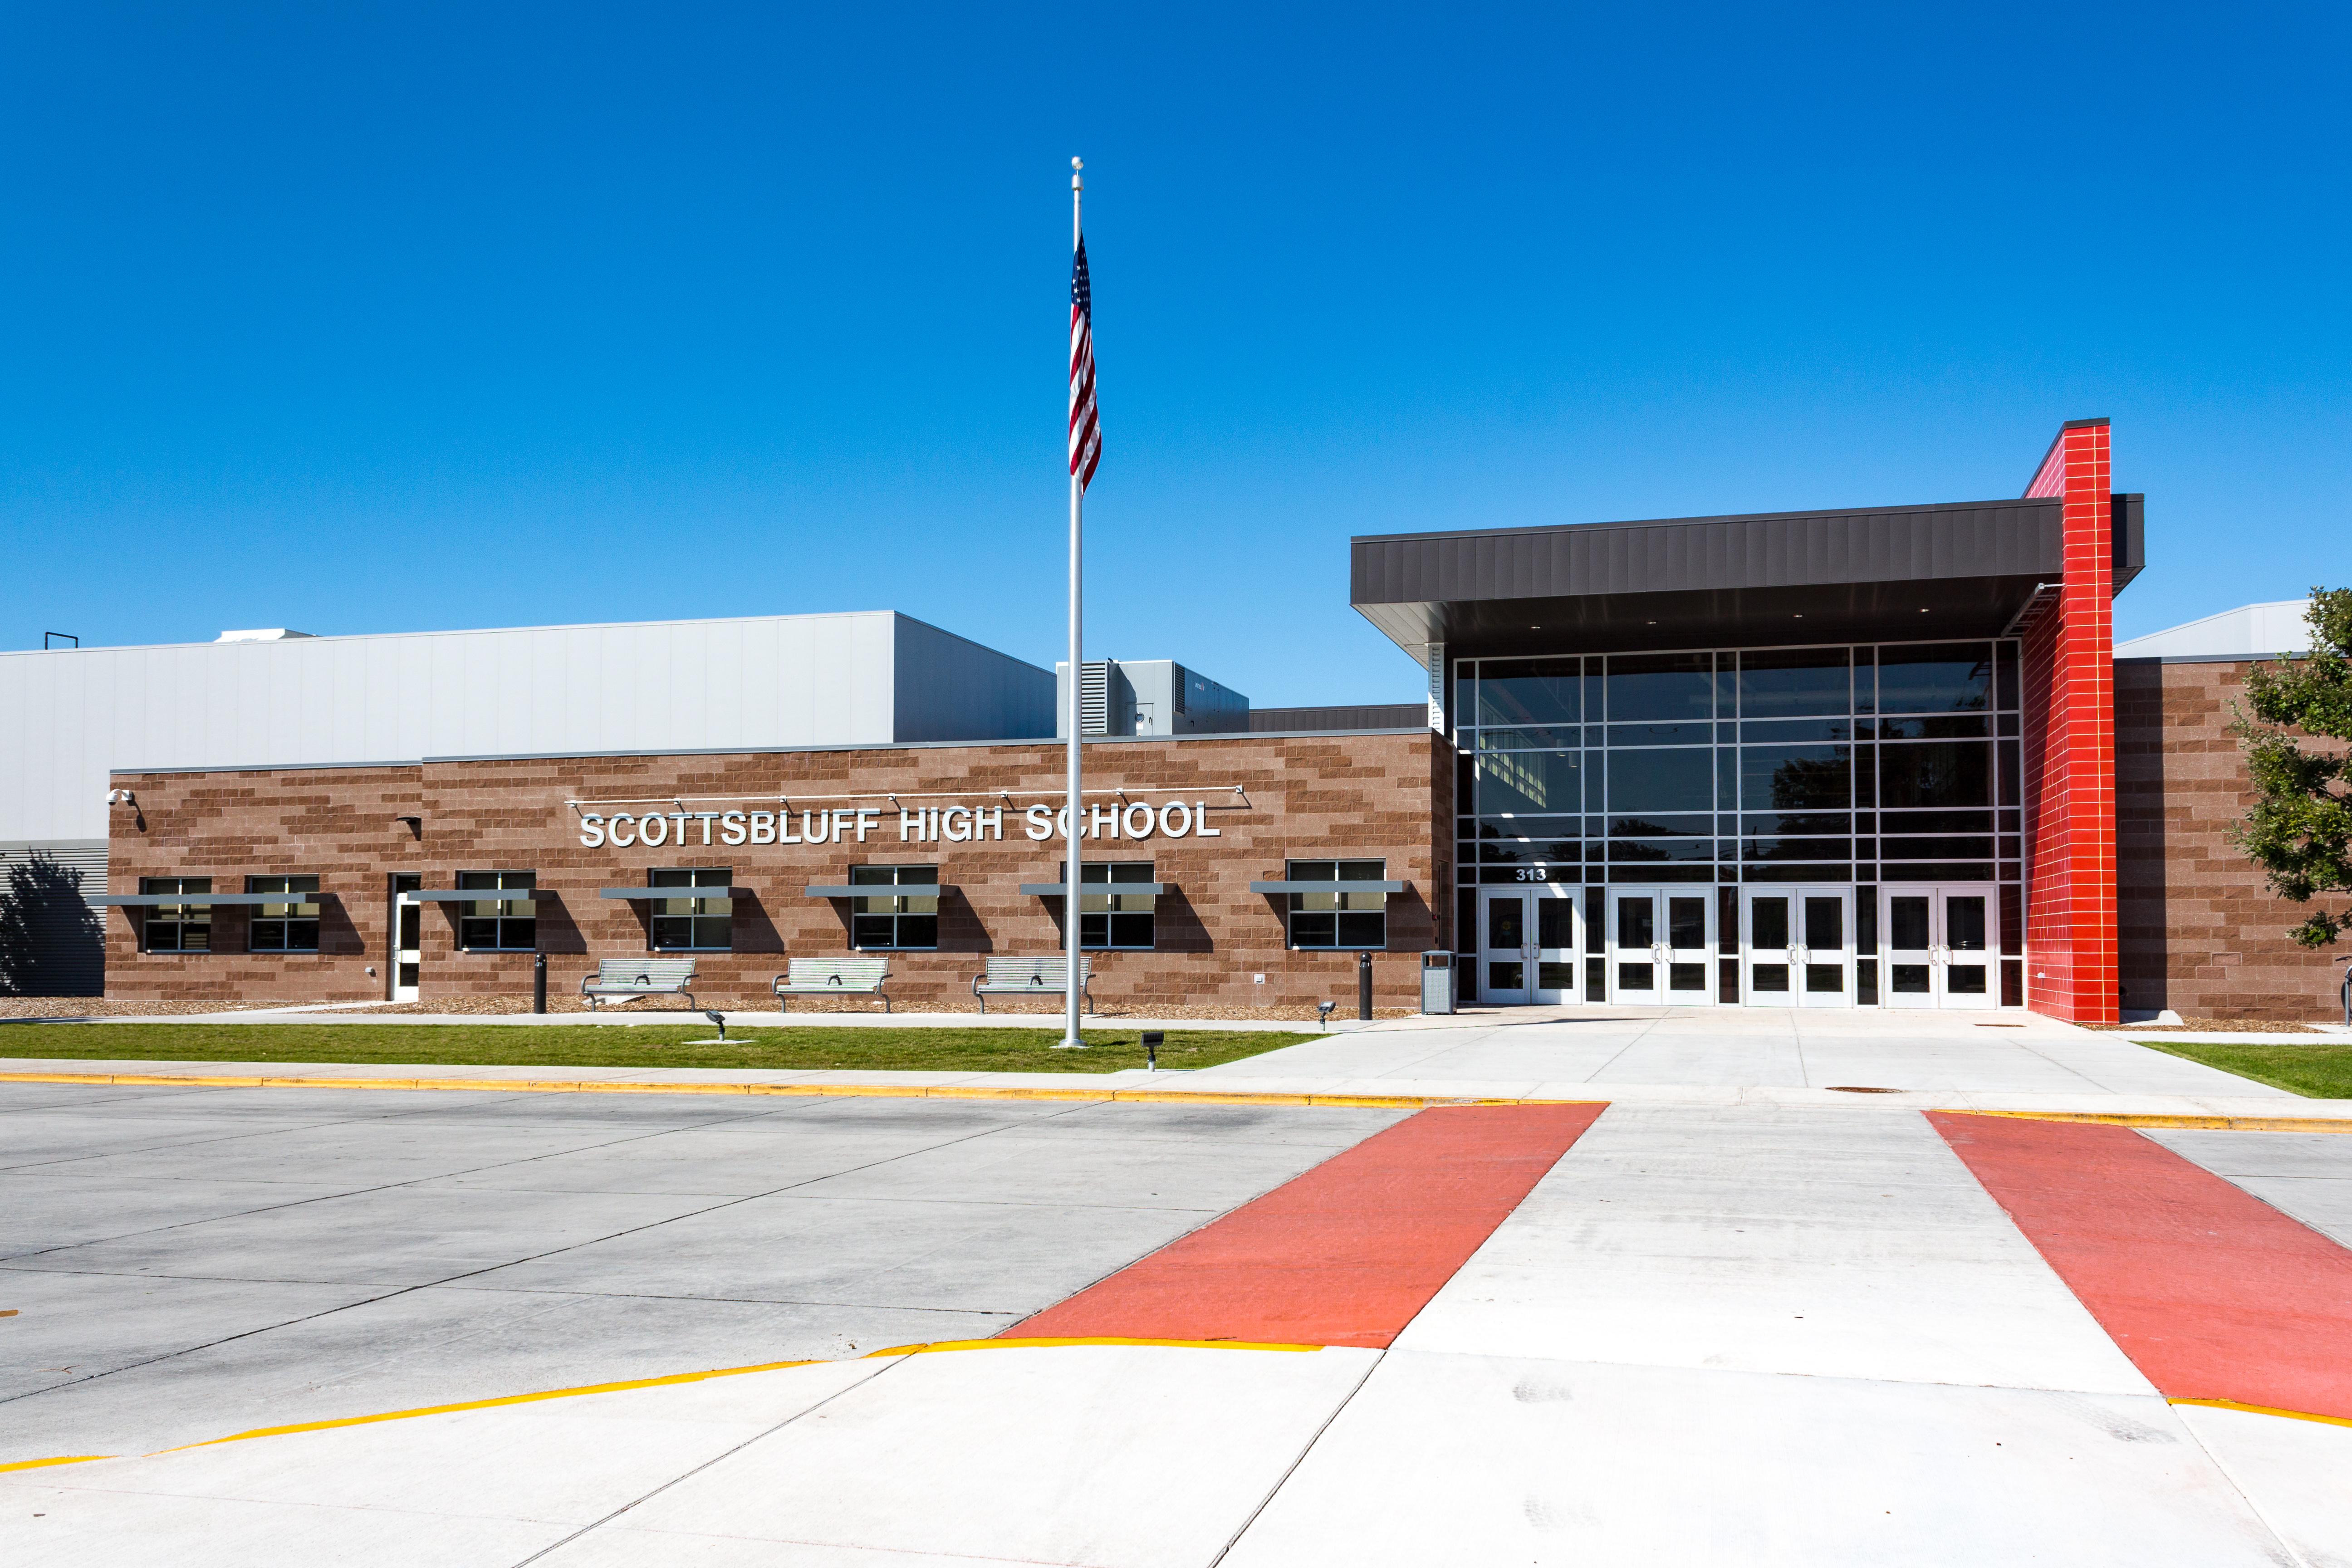 Classroom Design Competition ~ Scottsbluff high school studio architecture